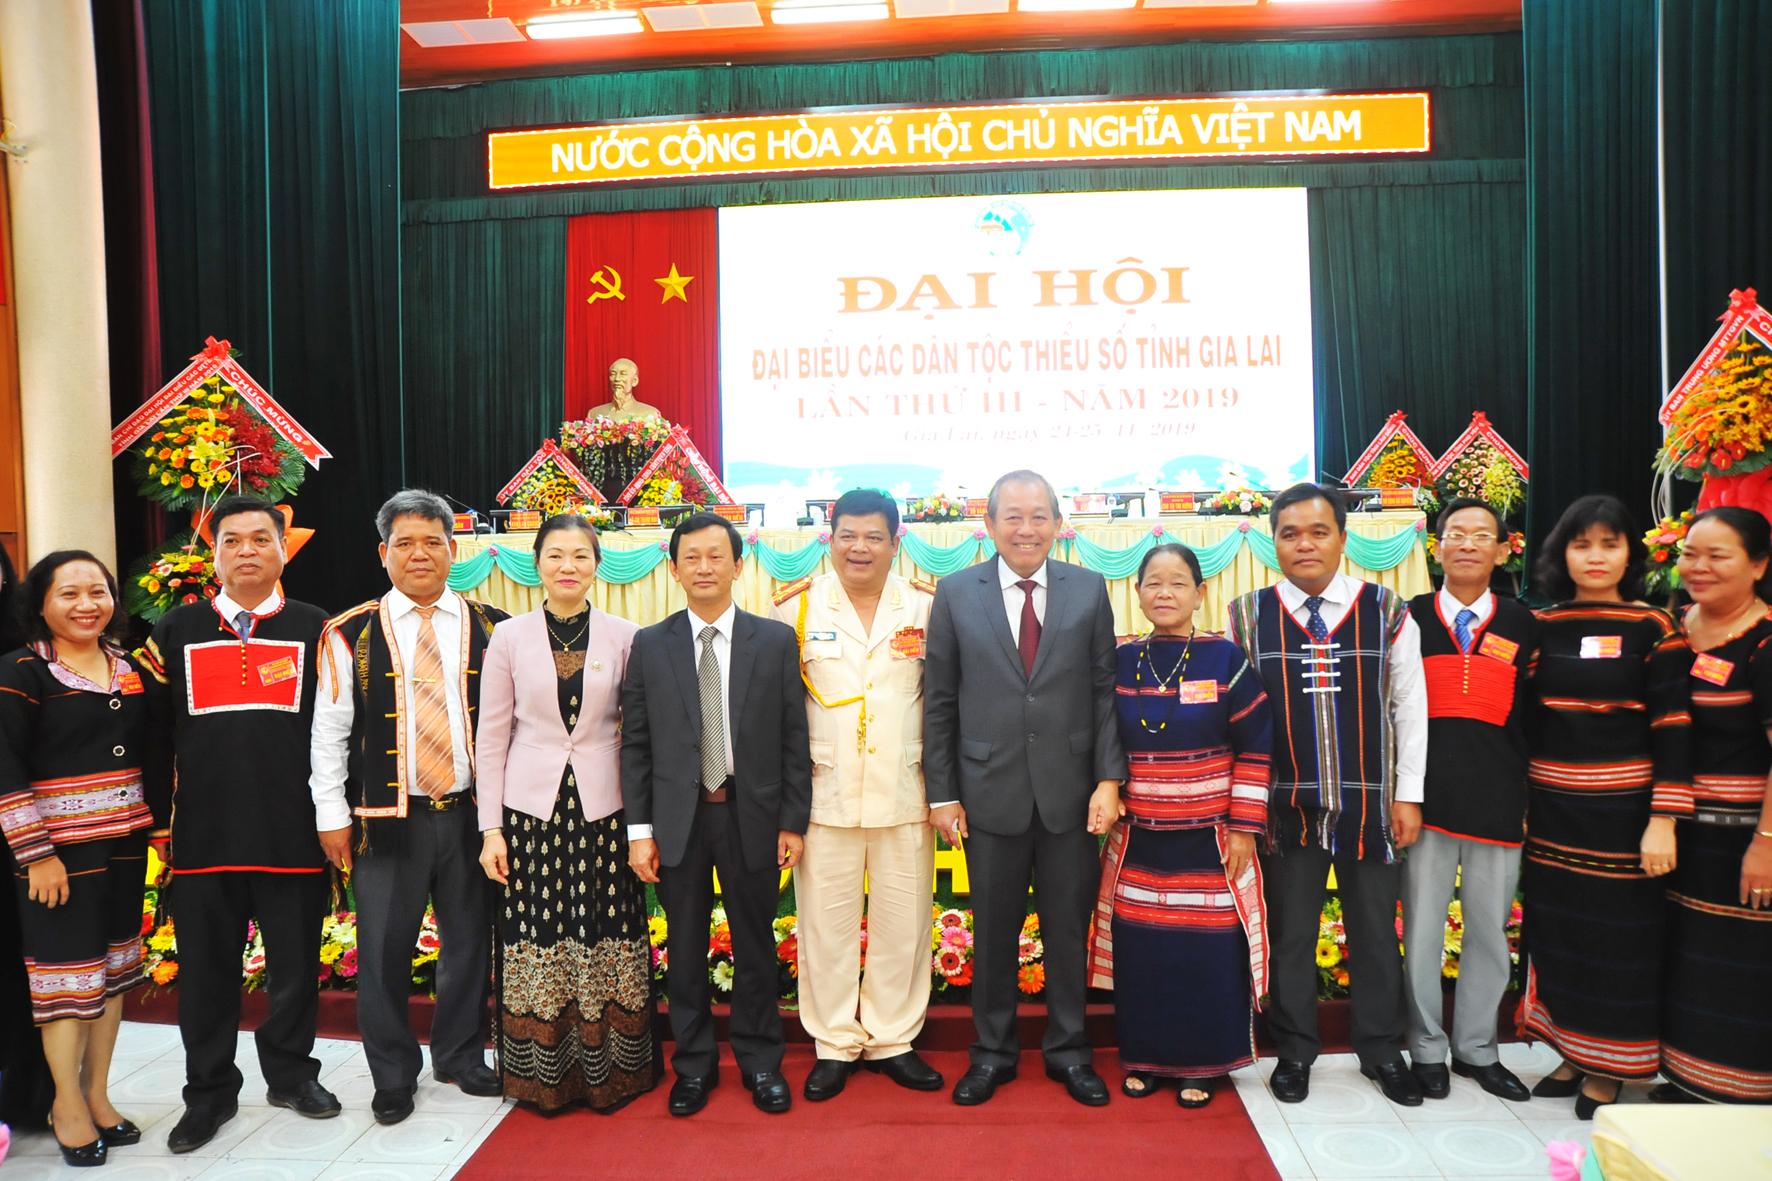 Gia Lai Ethnic Minority Groups Congress convenes